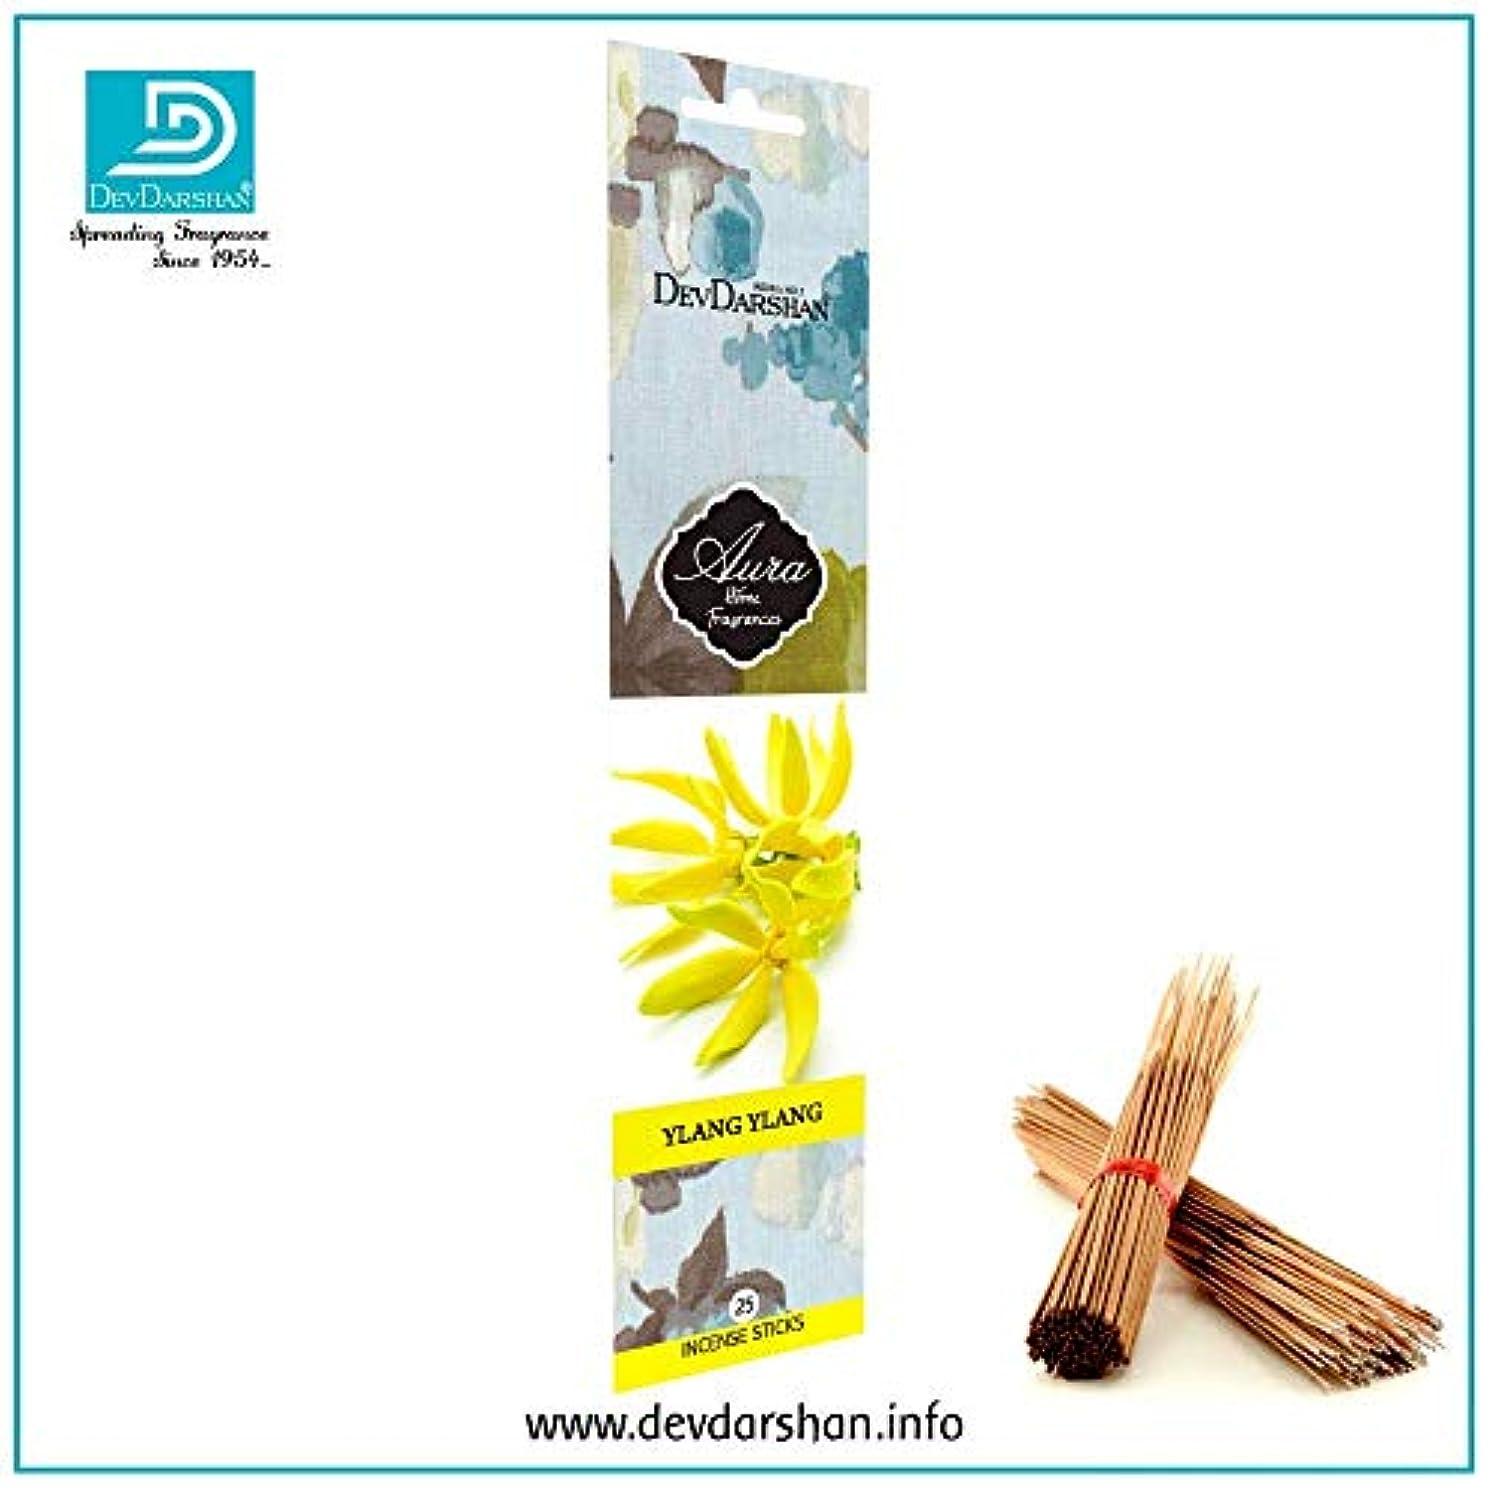 著者陸軍ビジュアルDevdarshan Aura Ylang Ylang 3 Packs of 25 Incense Stick Each